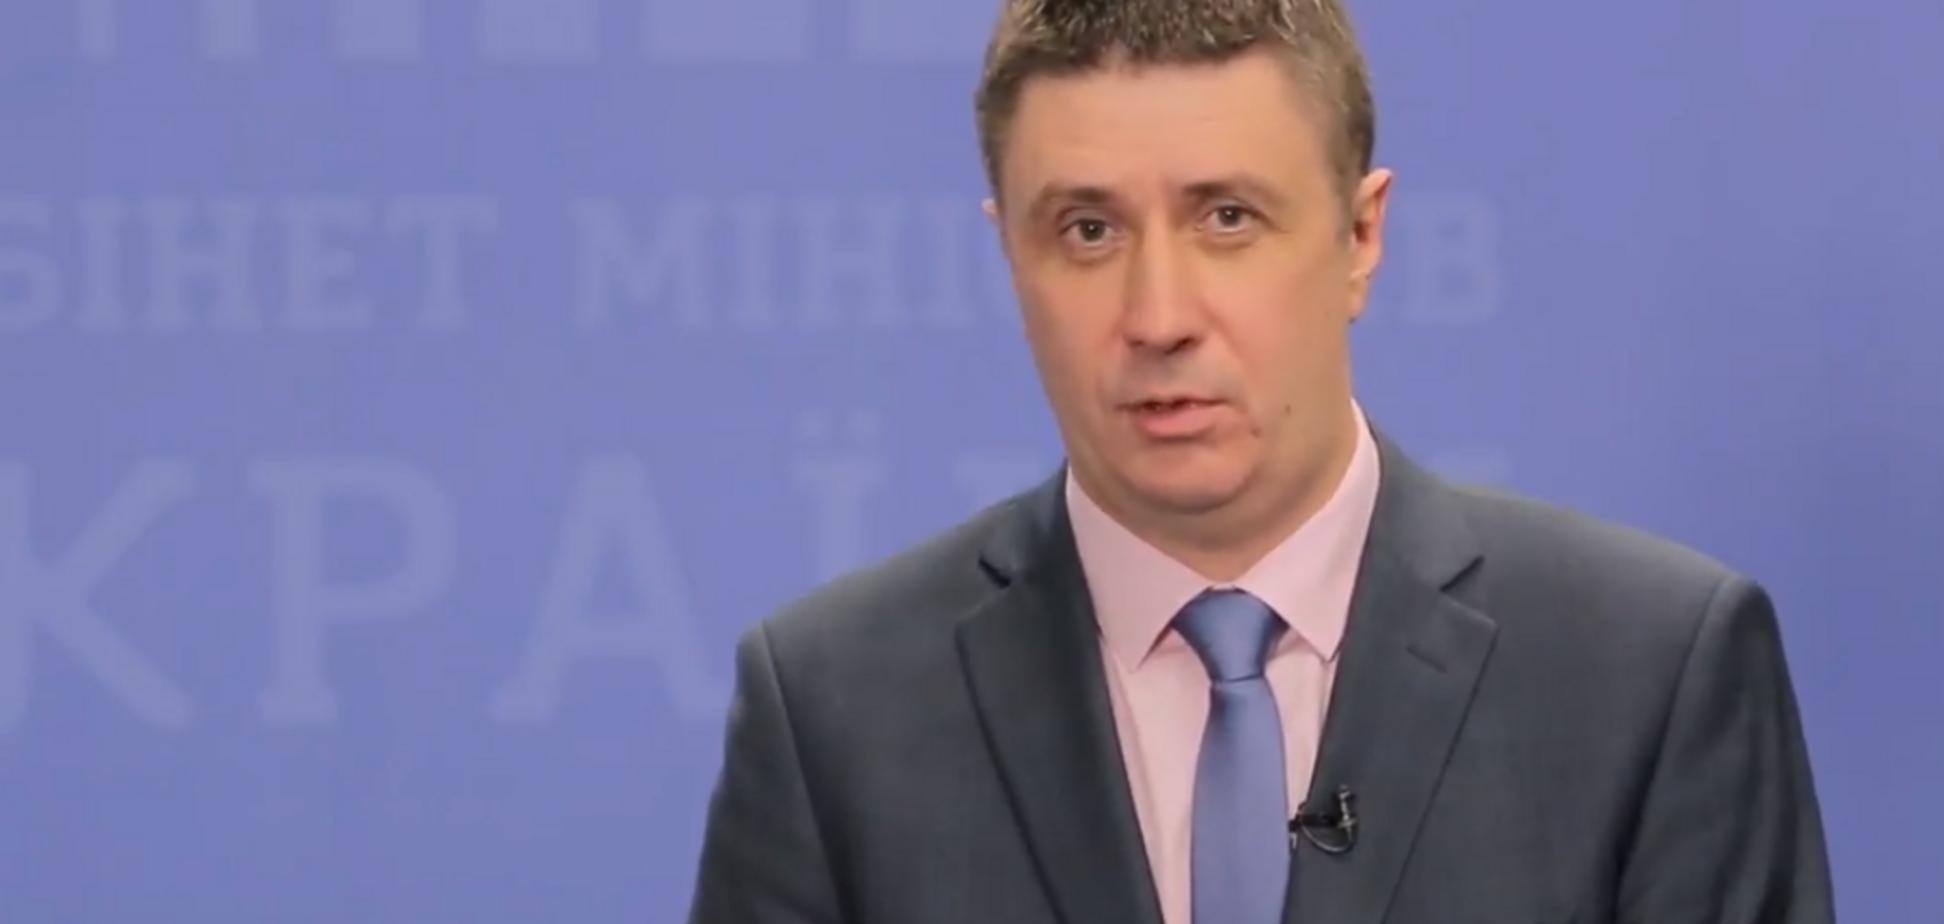 Украина нанесла ощутимый удар по российской пропаганде: Кириленко раскрыл детали